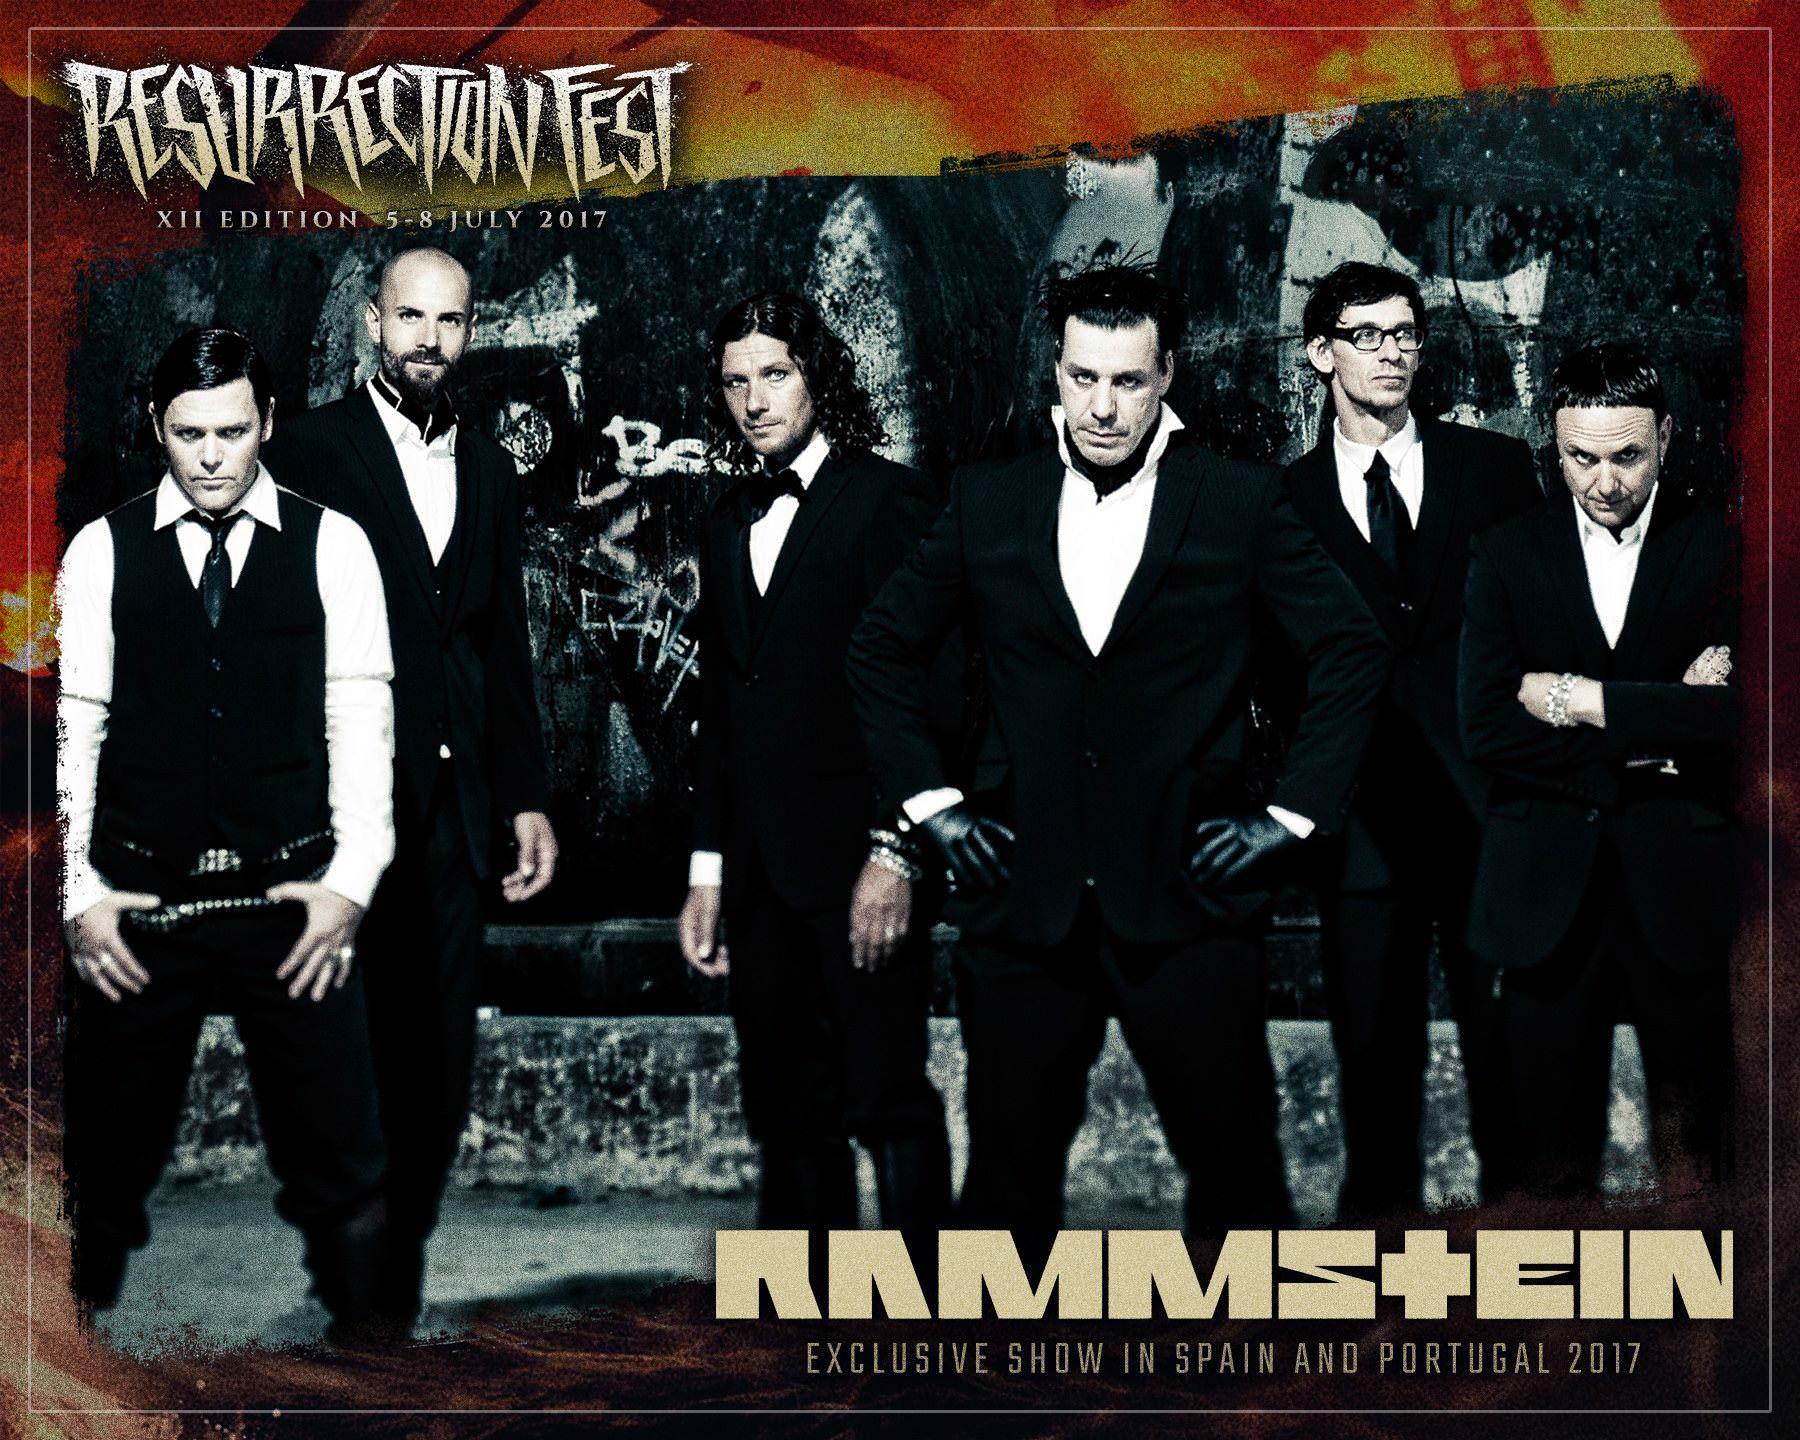 Rammstein vão atuar em Espanha no Resurrection Fest 2017